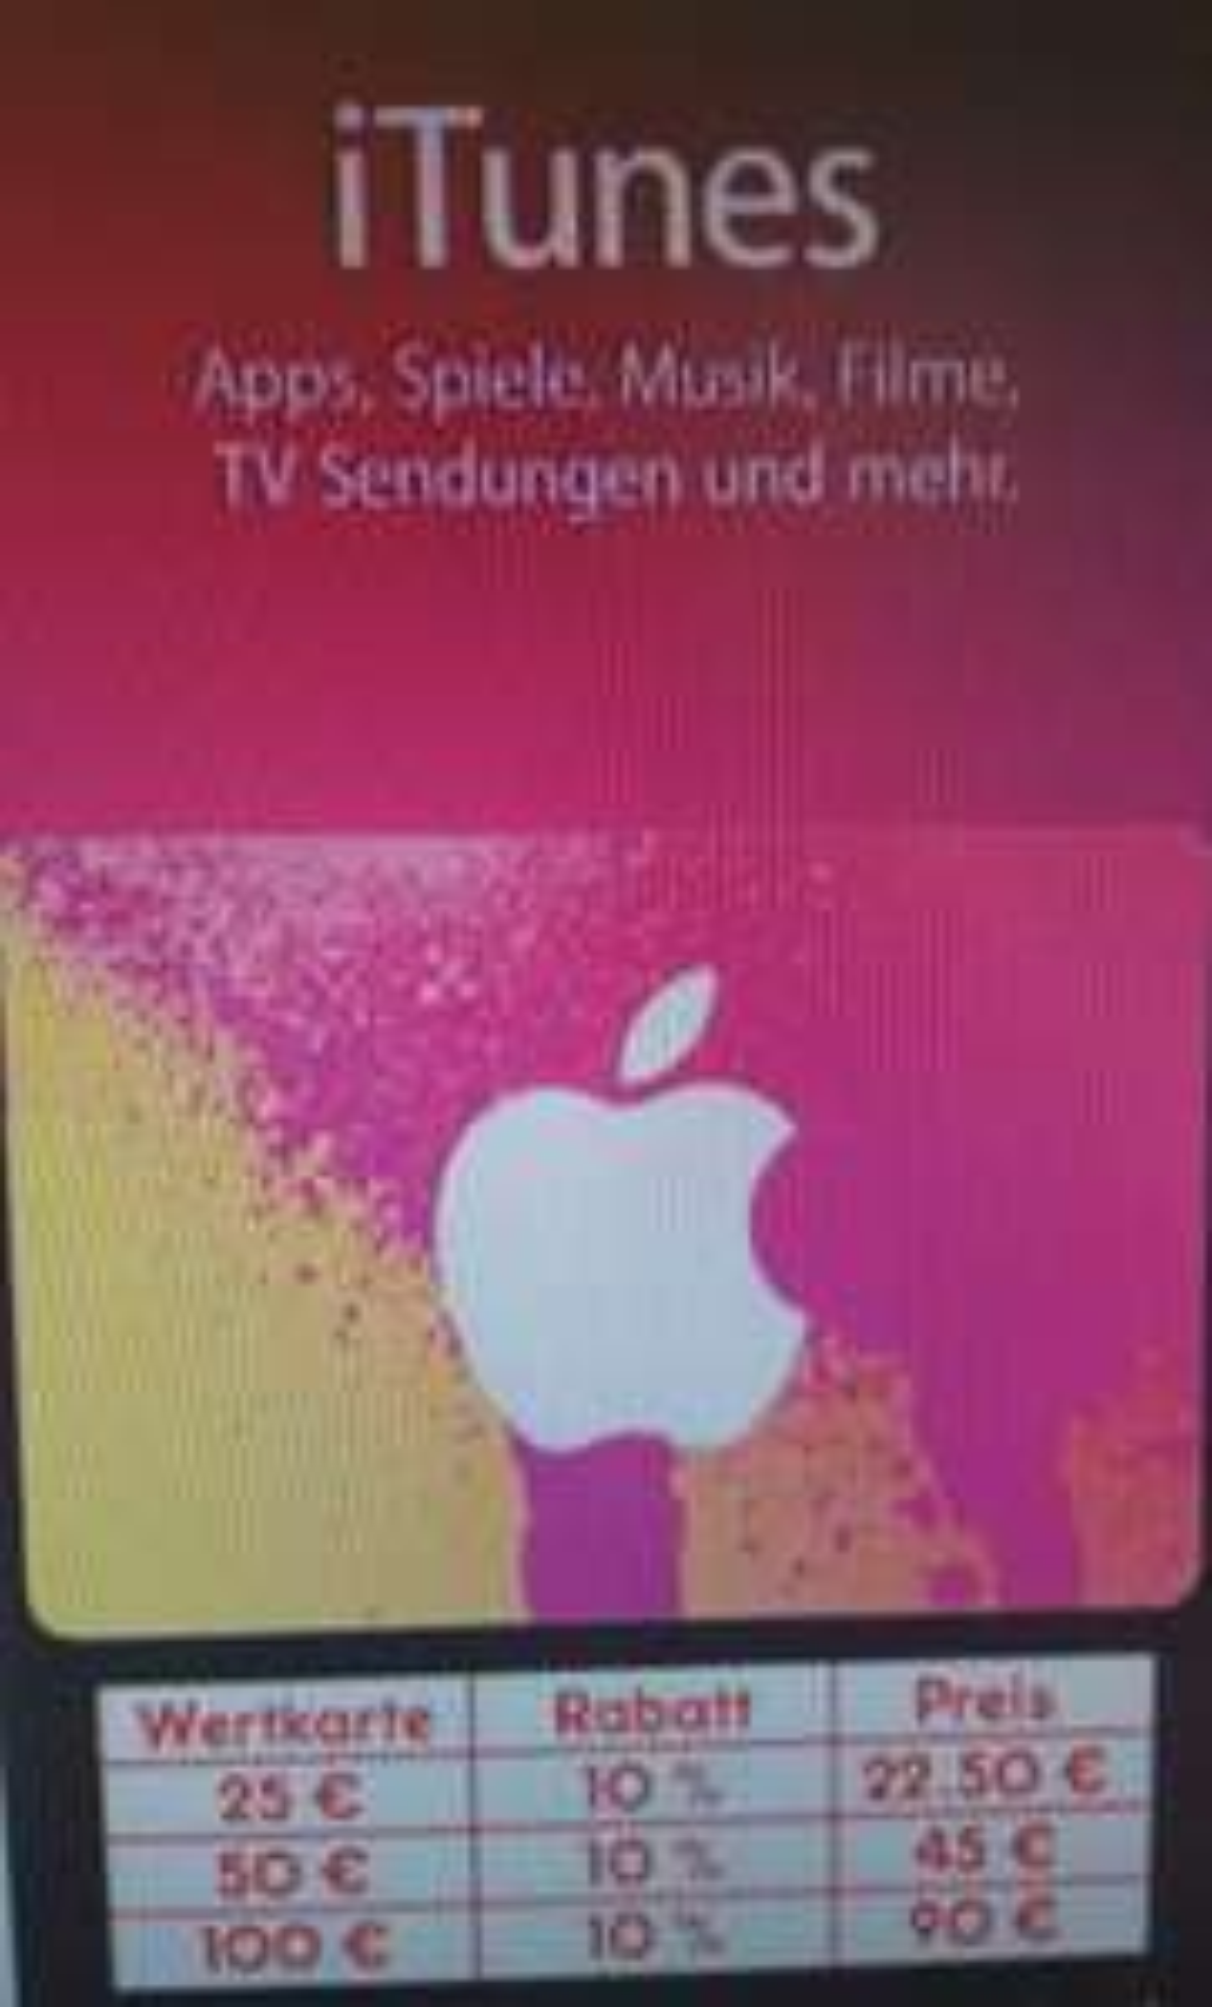 (Netto MD / Filialen) 10% Rabatt auf iTunes 25€/50€/100€ Geschenkkarten vom 05.02.-10.02.2018